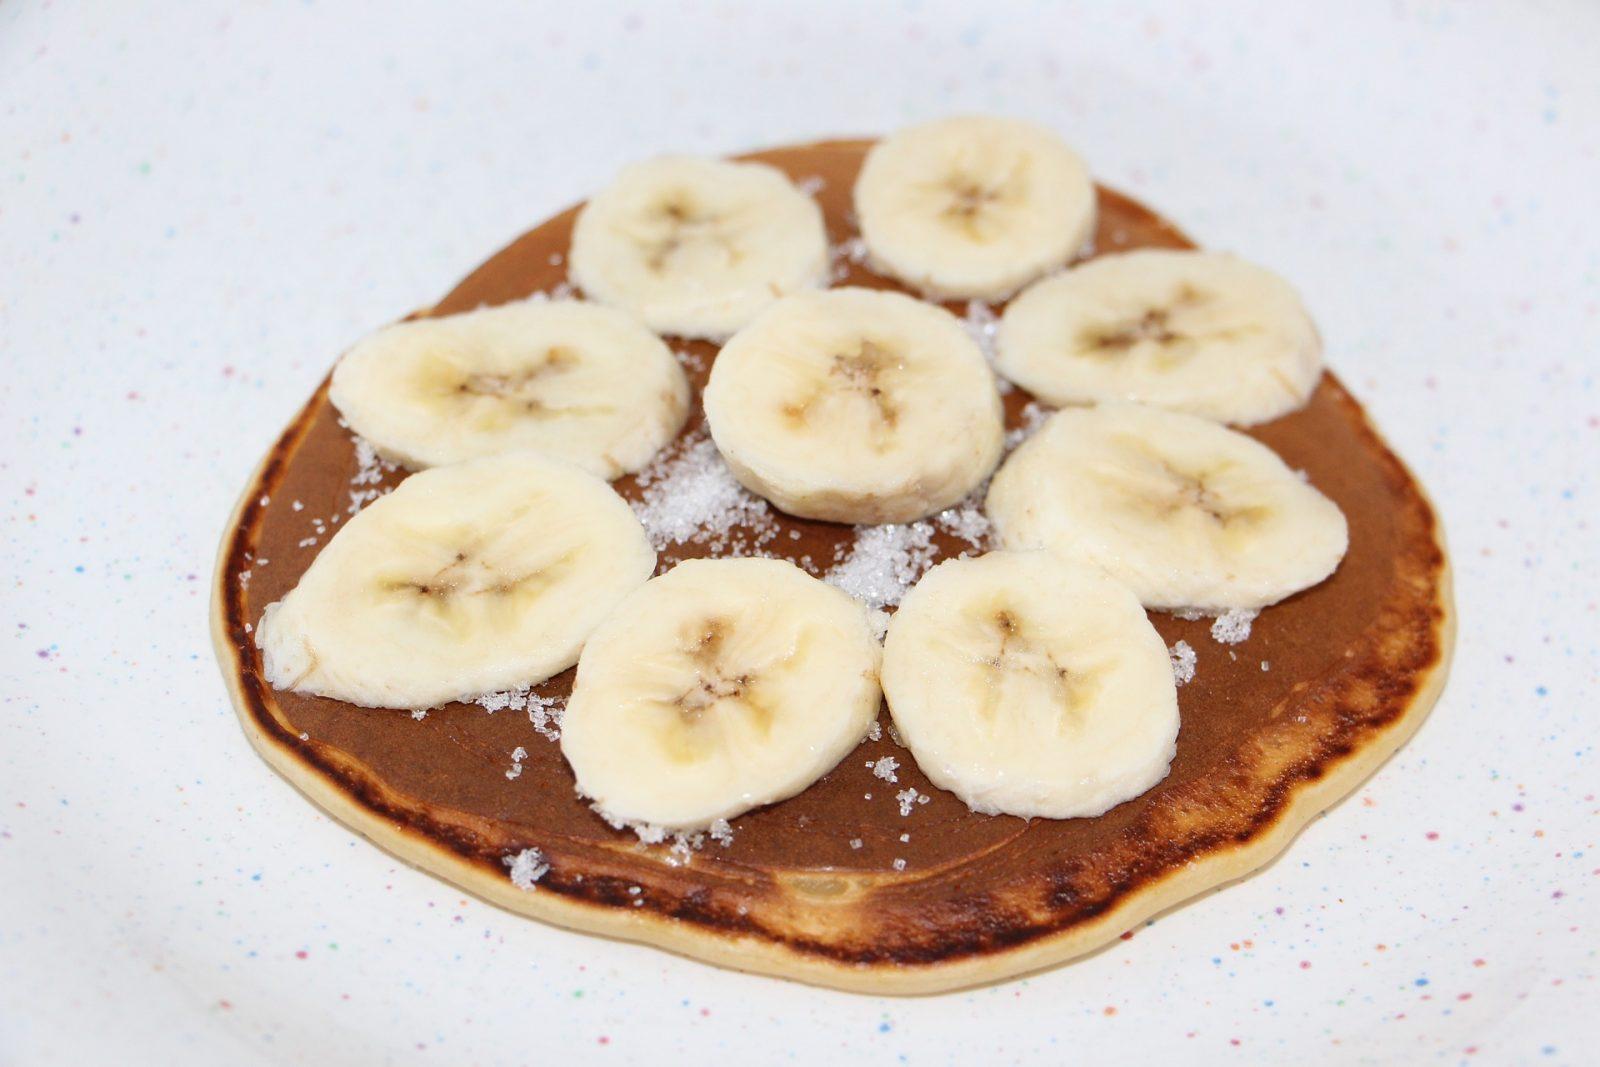 Caramelized Banana Pecan Pancakes